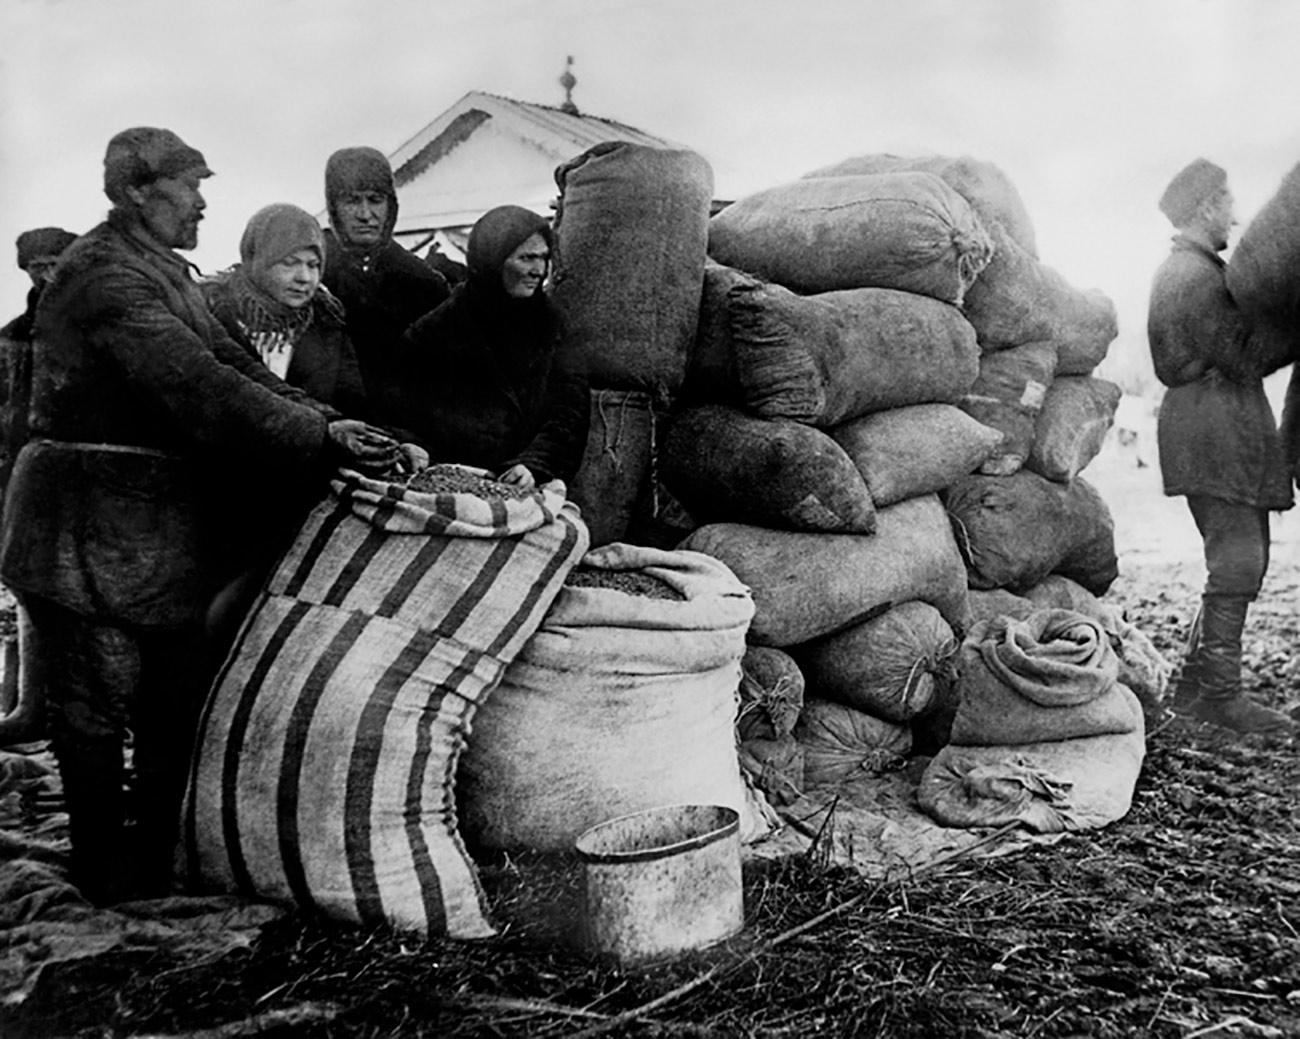 Leta 1929 je postala kolektivizacija proces velikega obsega, ko je Josif Stalin objavil članek z naslovom Leto velikega preobrata. Stalin je potrdil, da sta kolektivizacija in industrializacija glavni sredstvi za modernizacijo države. Istočasno je potrdil potrebo po likvidaciji razreda kmečkih veleposestnikov, ki so postali znani kot kulaki (ruska beseda za pest).